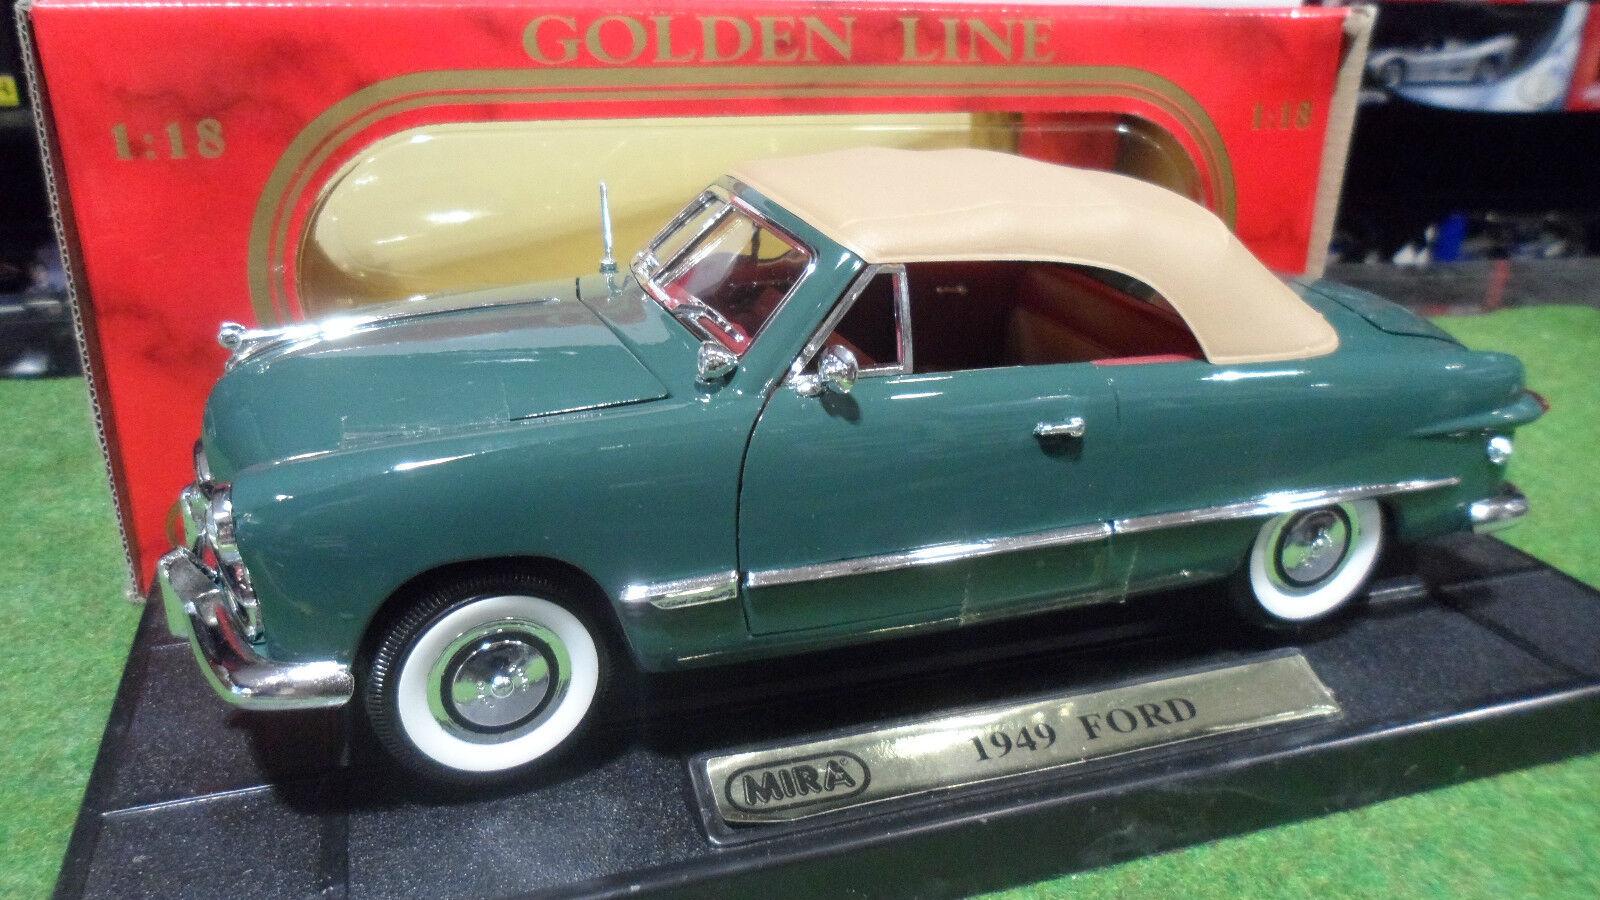 1949 ford cabriolet soft top vert 1 18  mira 06904 voiture miniature d collection  voici la dernière